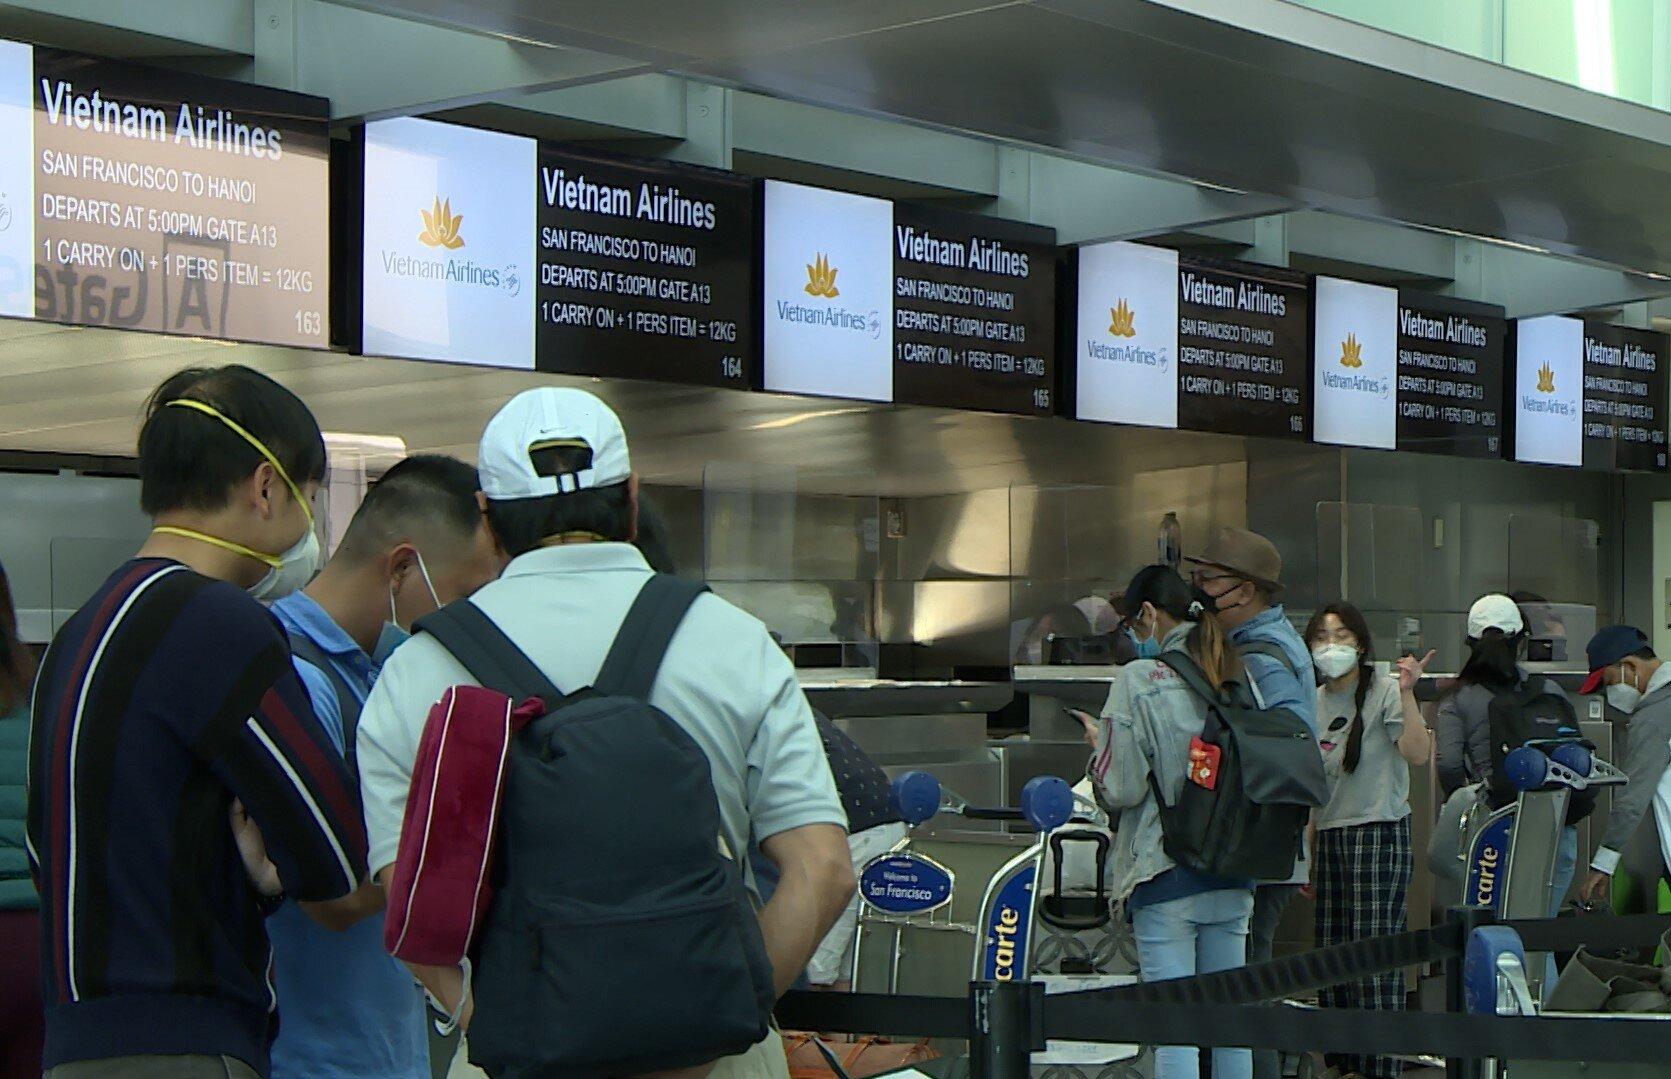 Sáng nay (25/8), chuyến bay VN9 do Vietnam Airlines khai thác từ San Francisco (Hoa Kỳ) hạ cánh an toàn tại sân bay Nội Bài. Chuyến bay đưa 277 hành khách là công dân Việt Nam tại Hoa Kỳ về nước, đồng thời vận chuyển hơn 6,2 tấn trang thiết bị, vật tư y tế của kiều bào tại Hoa Kỳ gửi gắm, chia sẻ với đồng bào trong nước phòng, chống dịch Covid-19. Trong ảnh, hành khách làm thủ tục chuyến bay VN9 tại sân bay San Francisco.